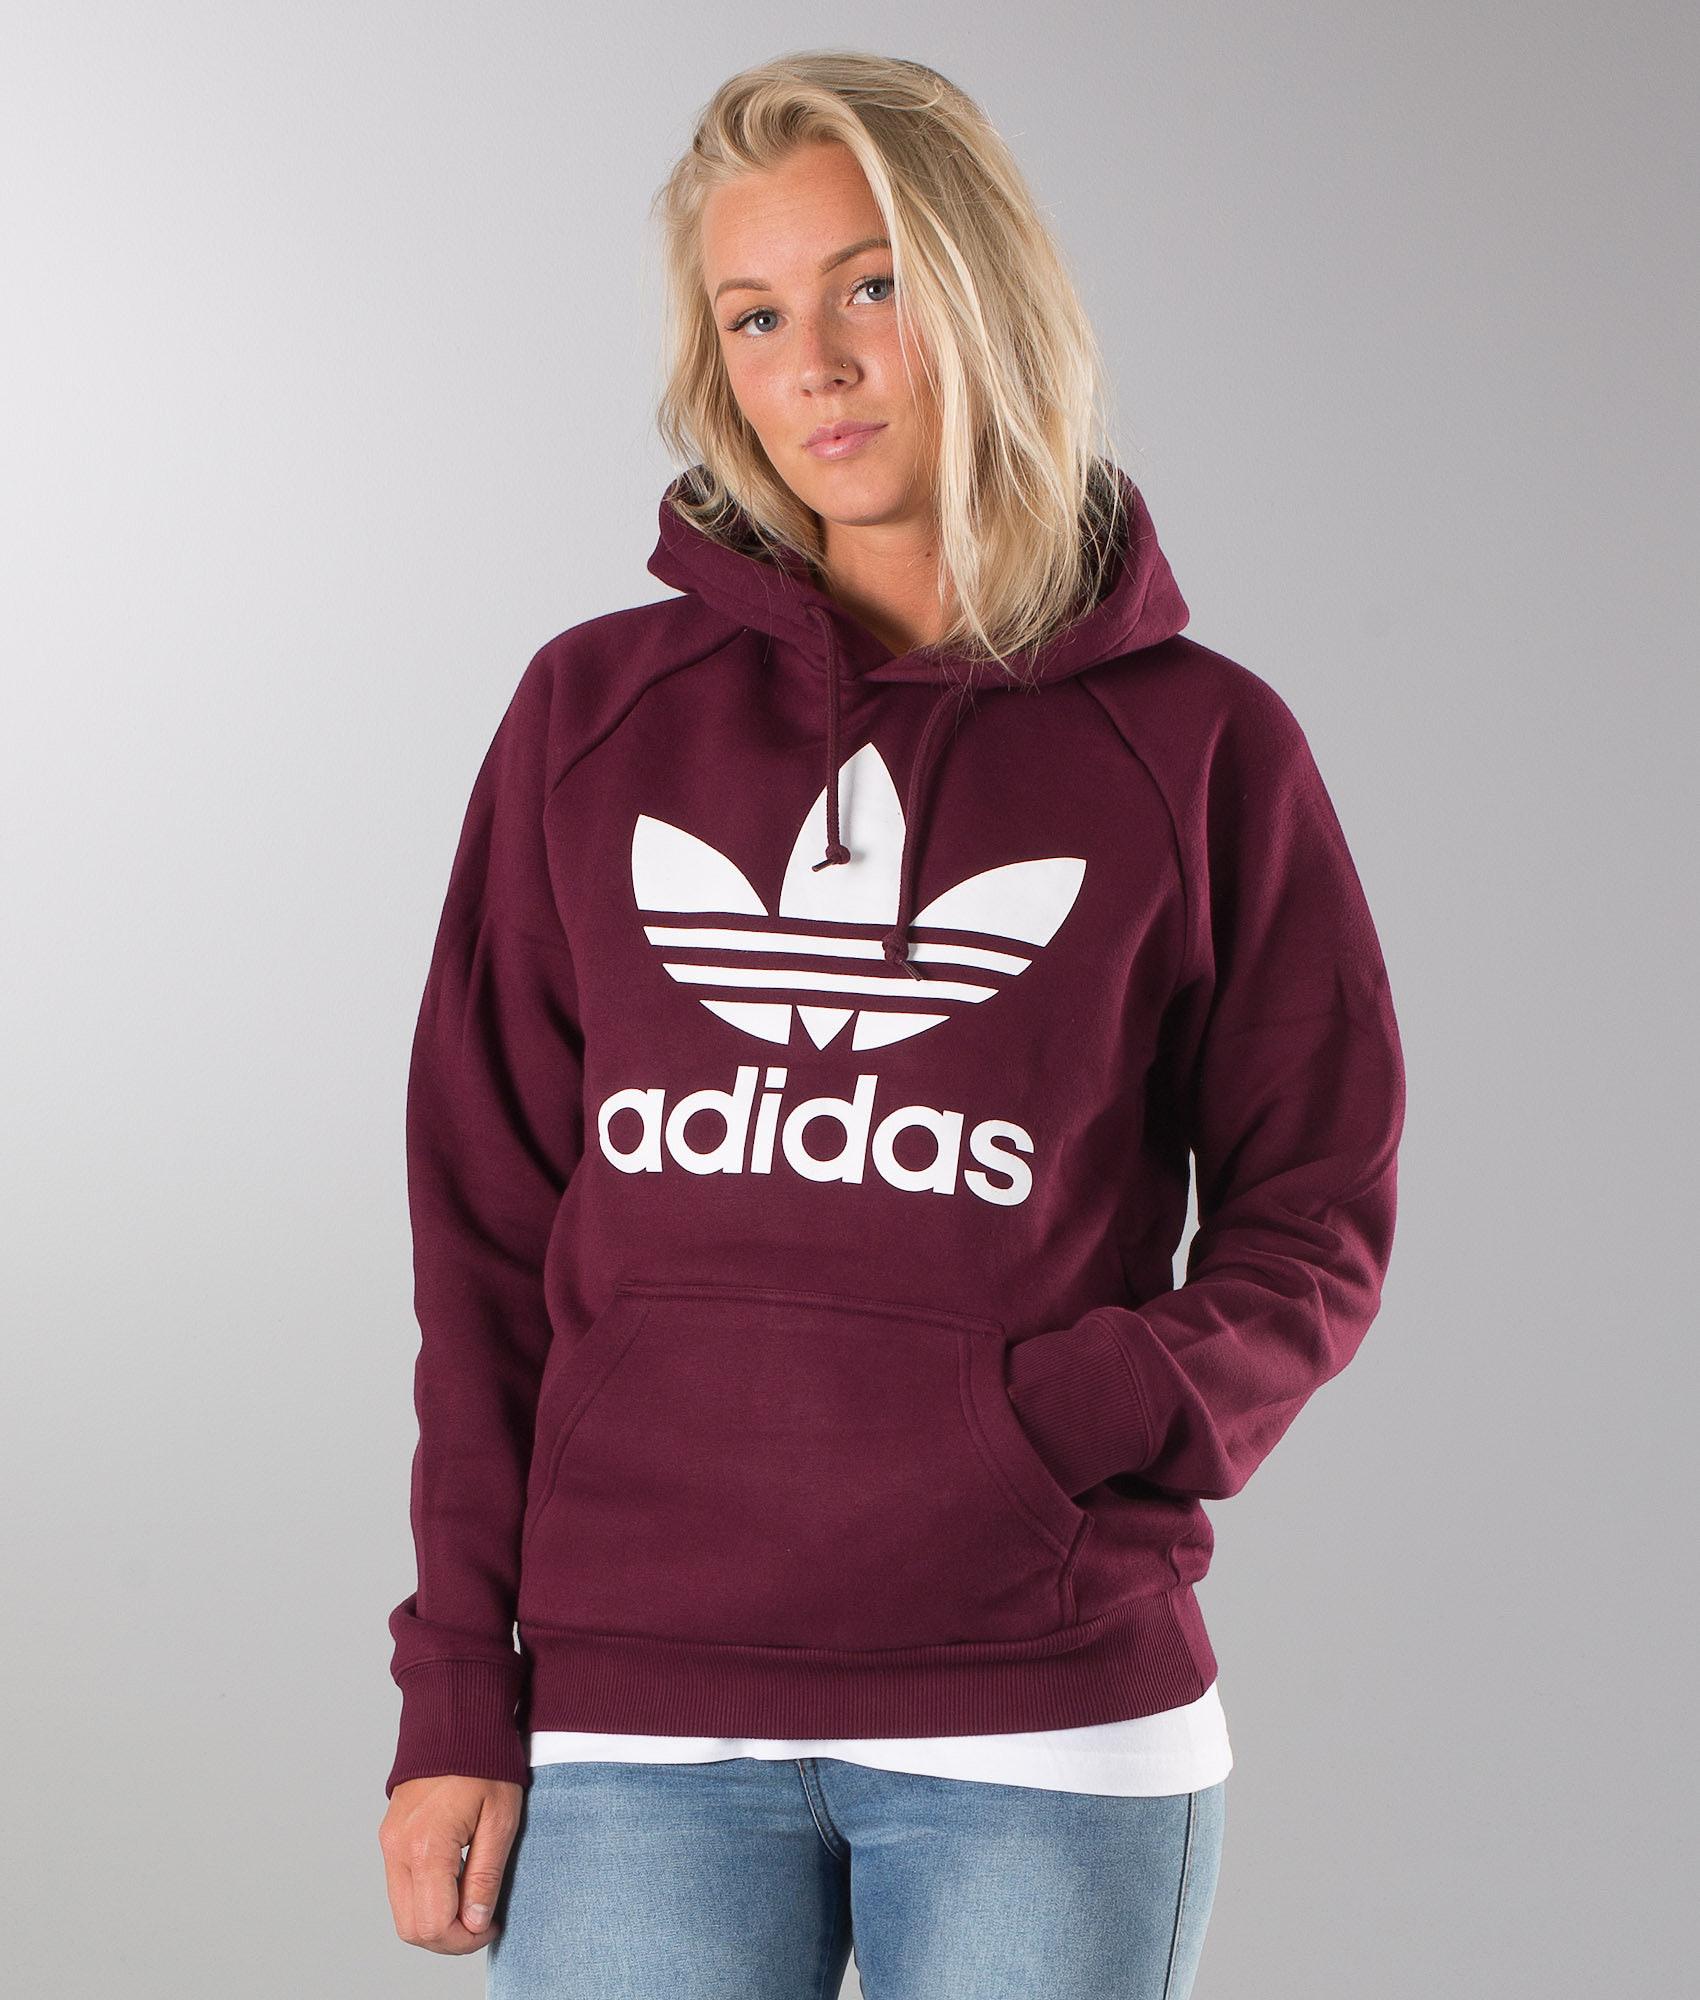 0d871650 Adidas Originals Trefoil Unisex Hoodie Maroon - Ridestore.com